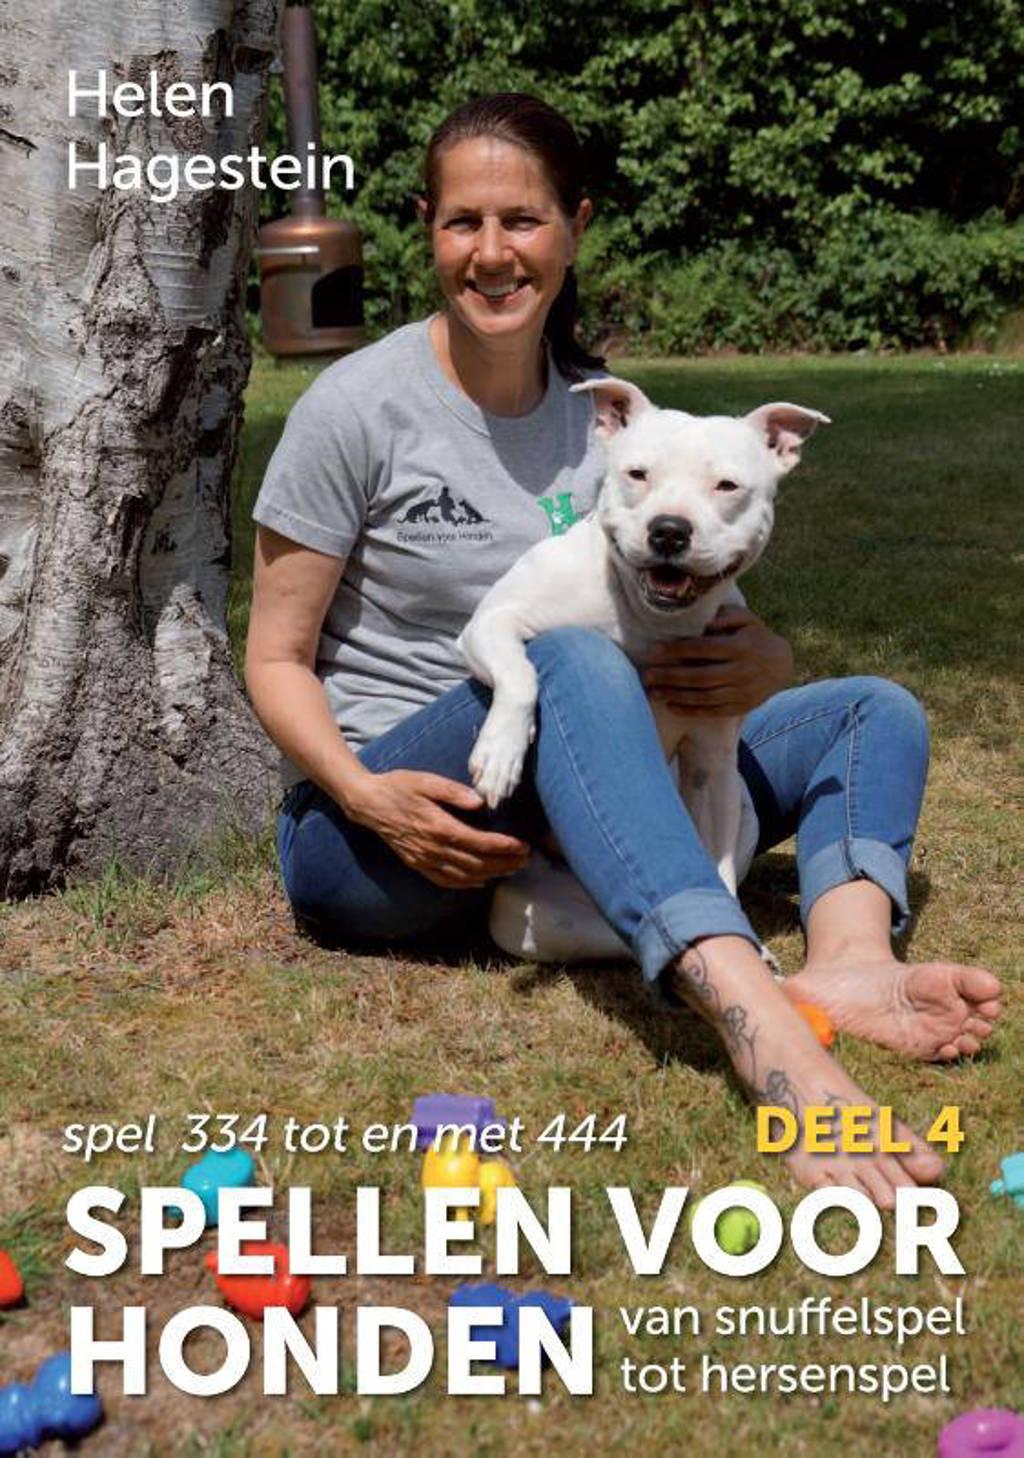 Spellen voor honden 4 van snuffelspel tot hersenspel - Helen Hagestein